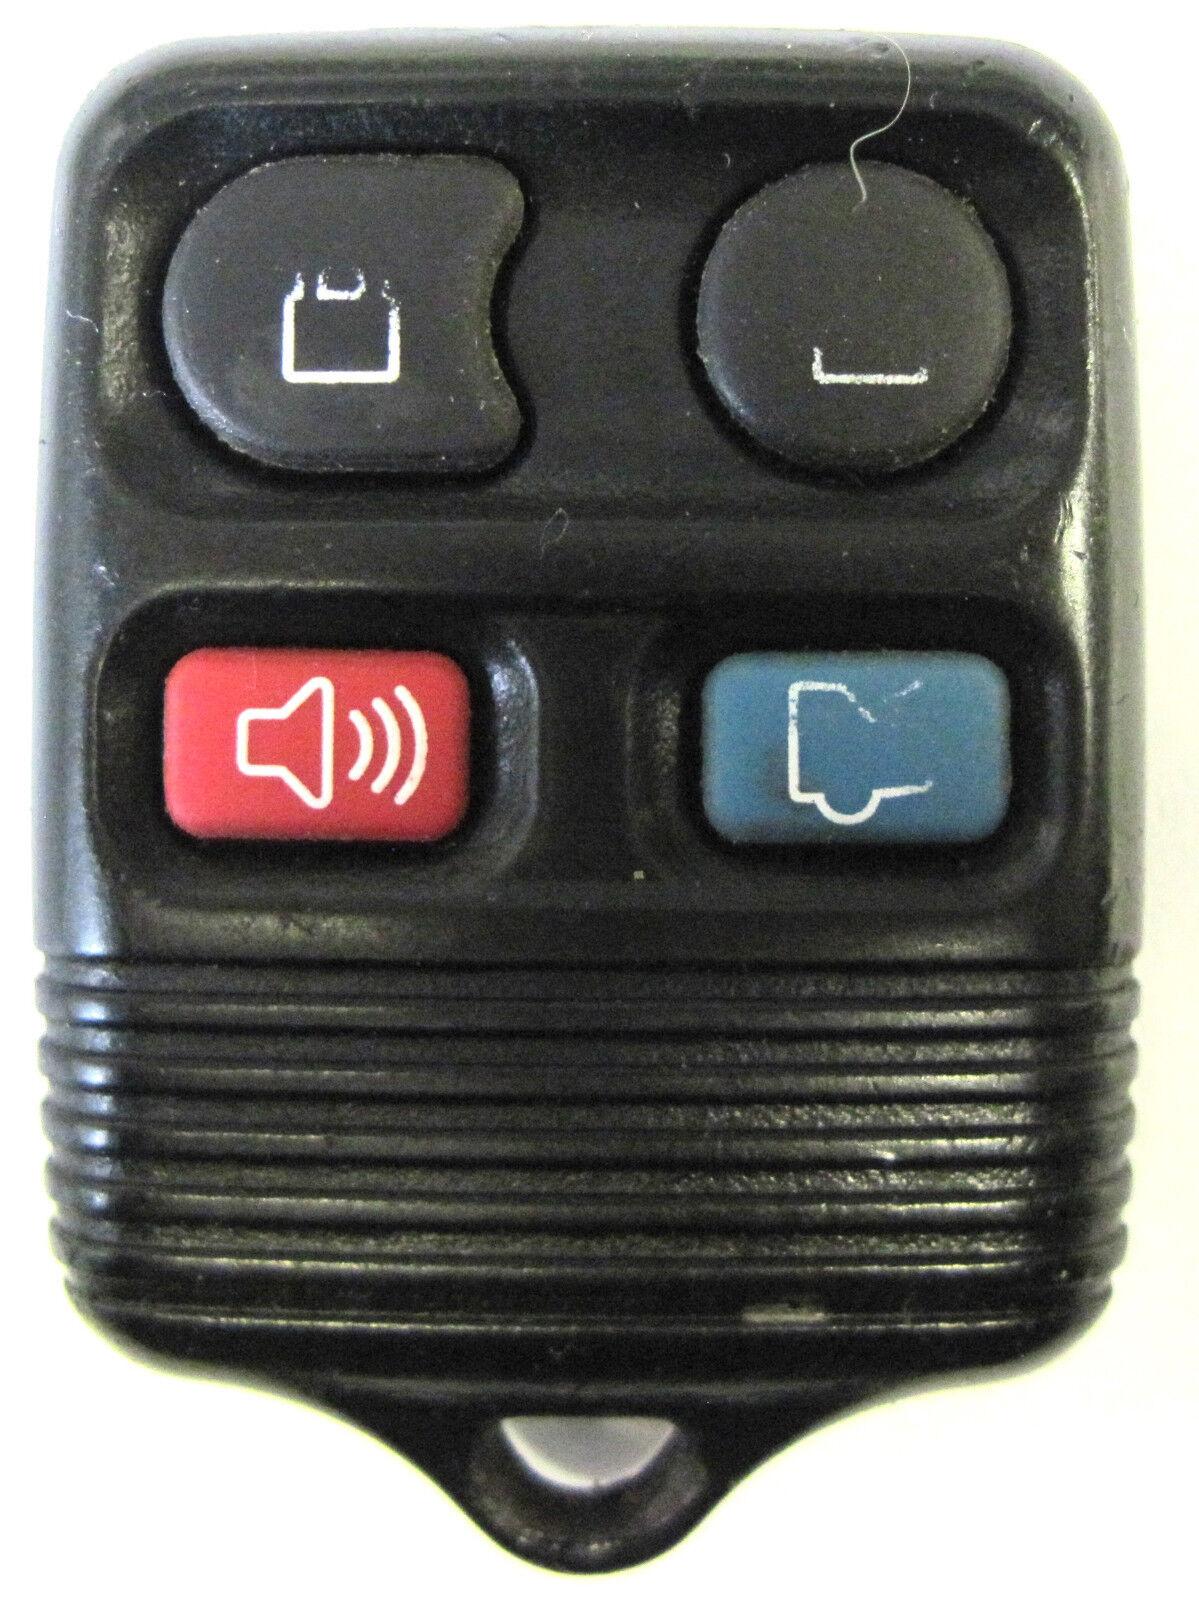 key fob keyless entry remote control 2008-2010 Ford Taurus X transmitter keyfob